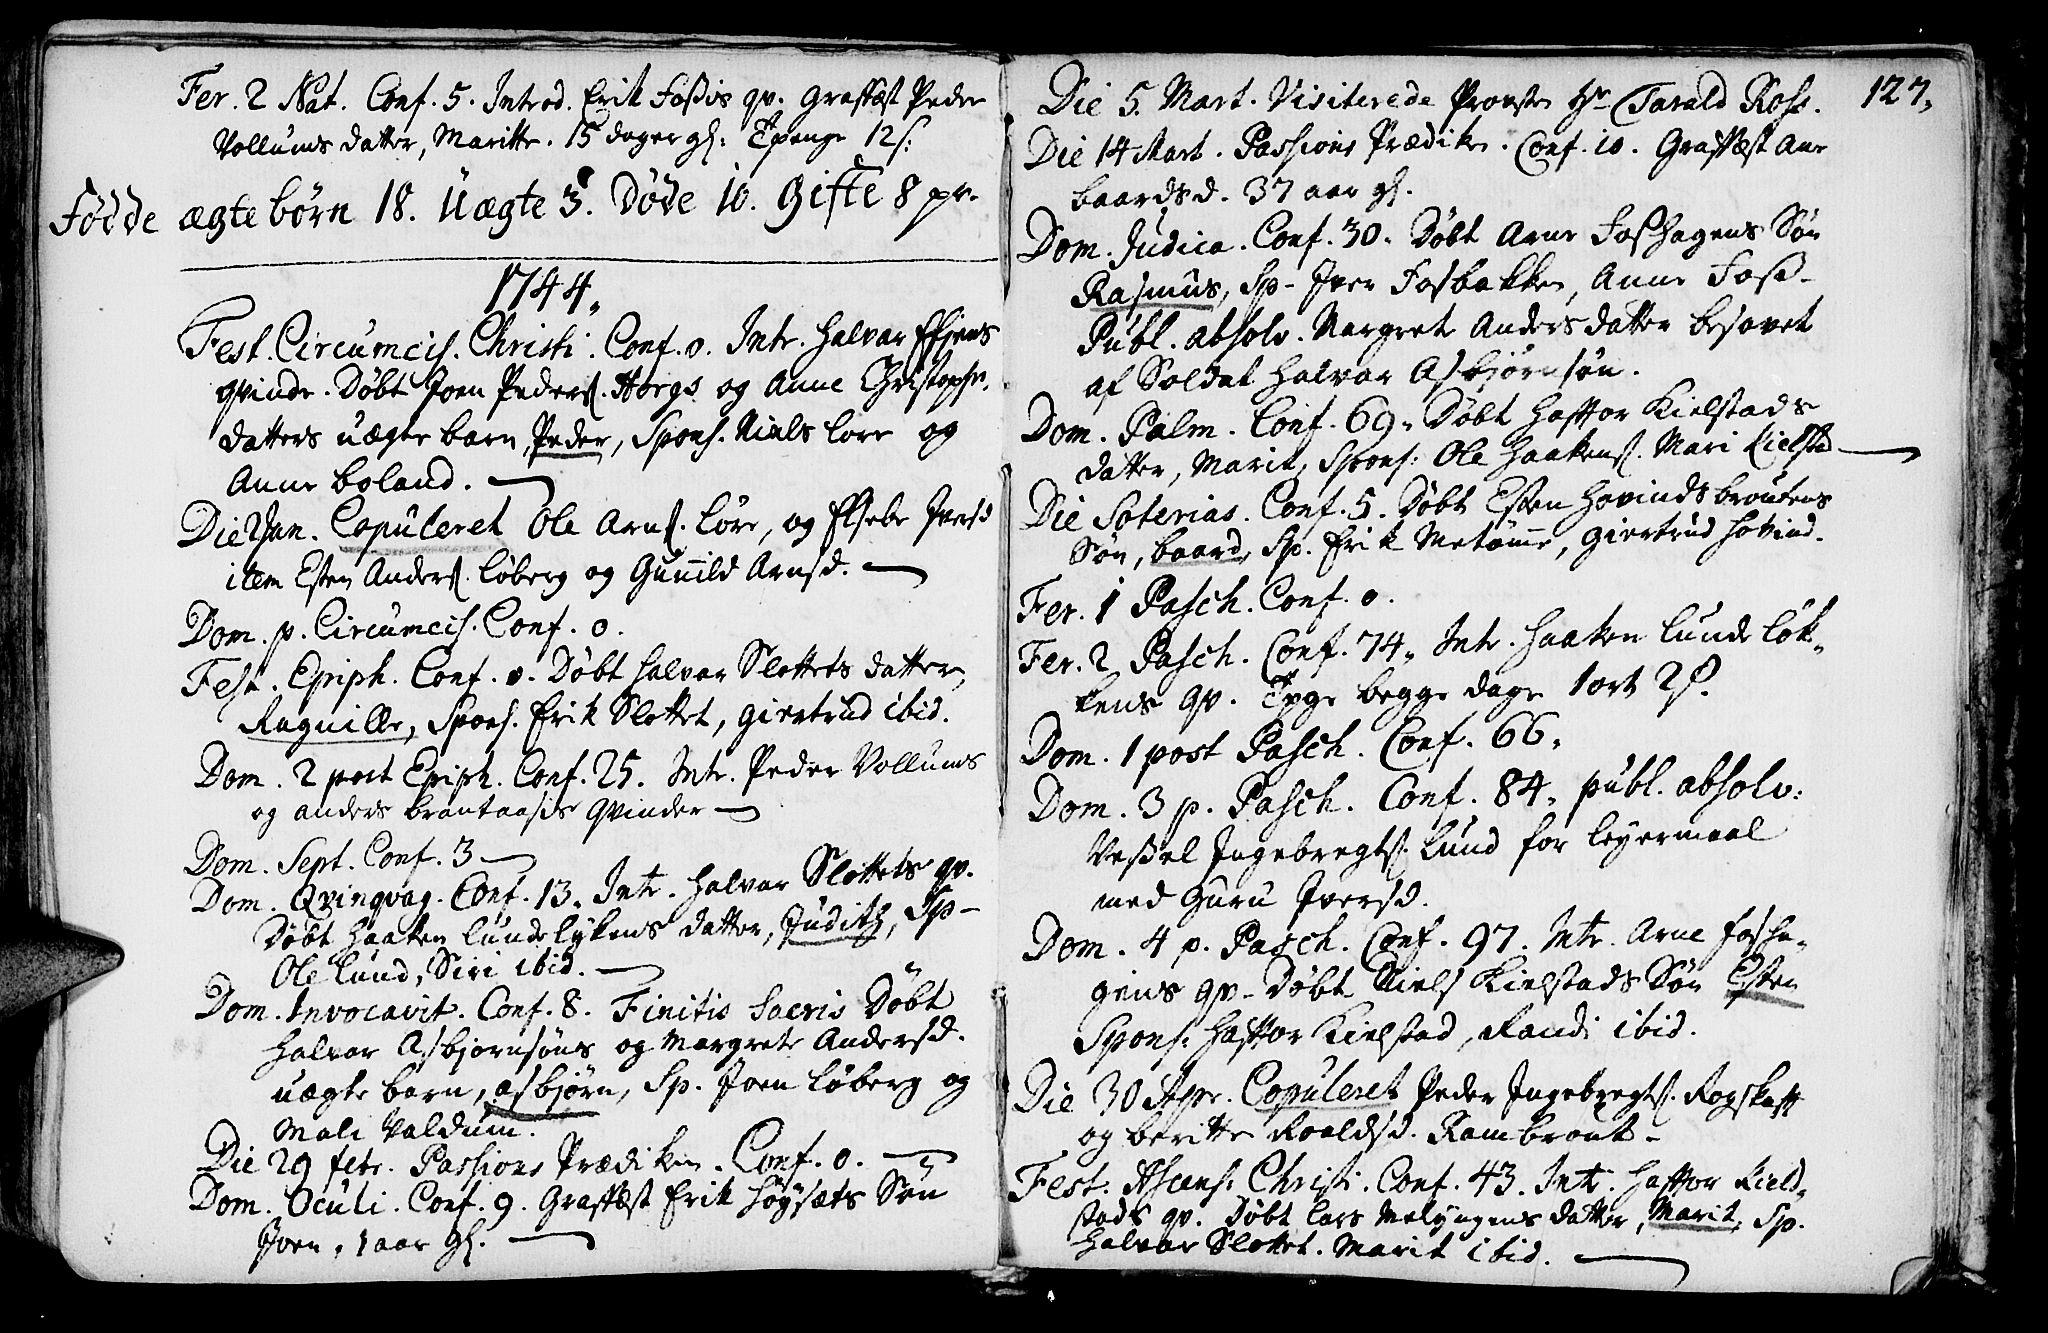 SAT, Ministerialprotokoller, klokkerbøker og fødselsregistre - Sør-Trøndelag, 692/L1101: Ministerialbok nr. 692A01, 1690-1746, s. 127